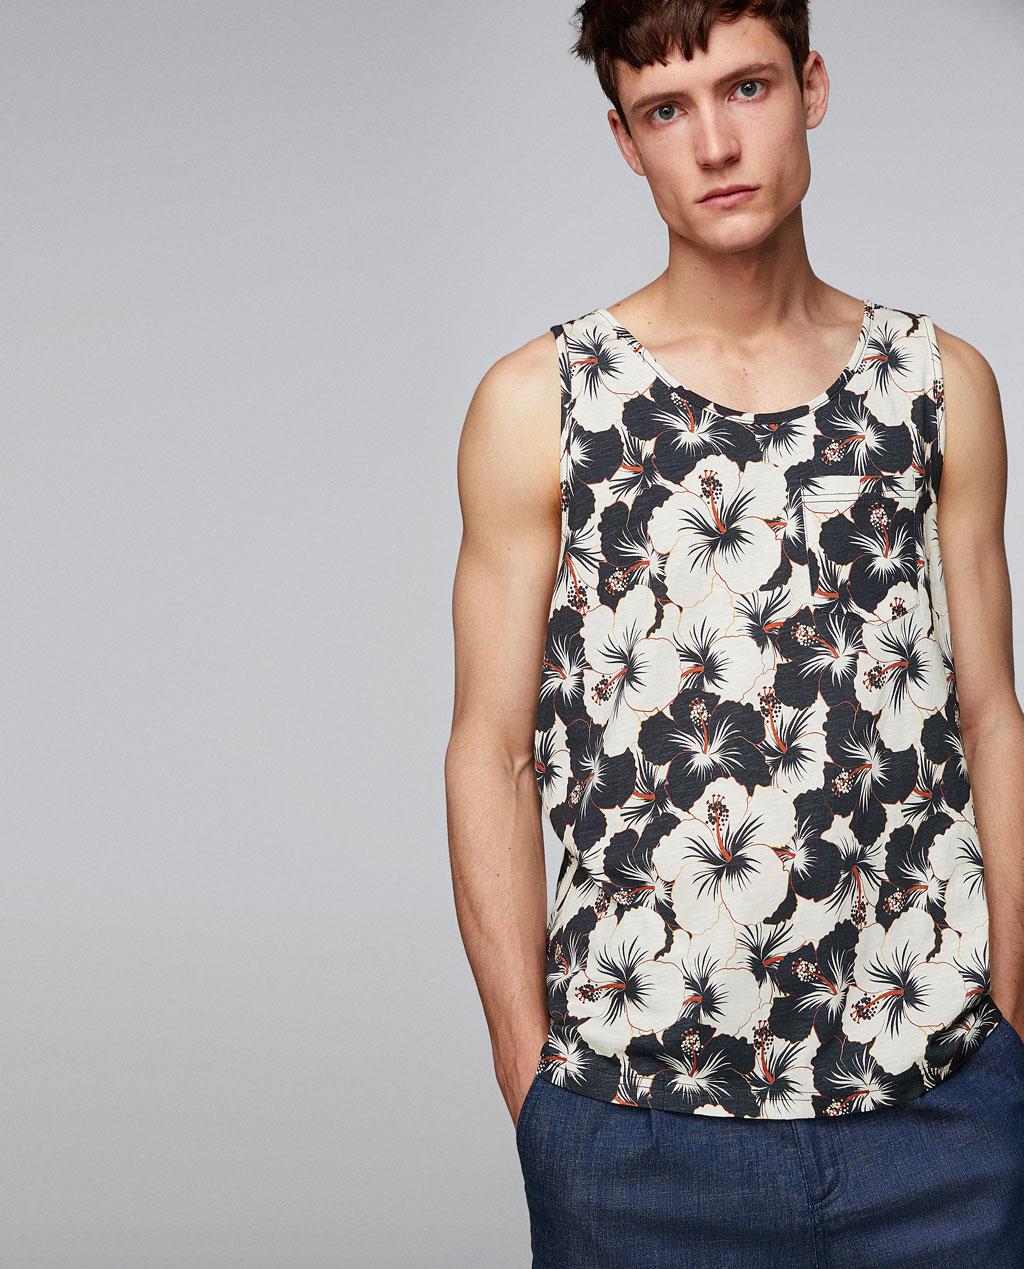 Thời trang nam Zara  24022 - ảnh 4